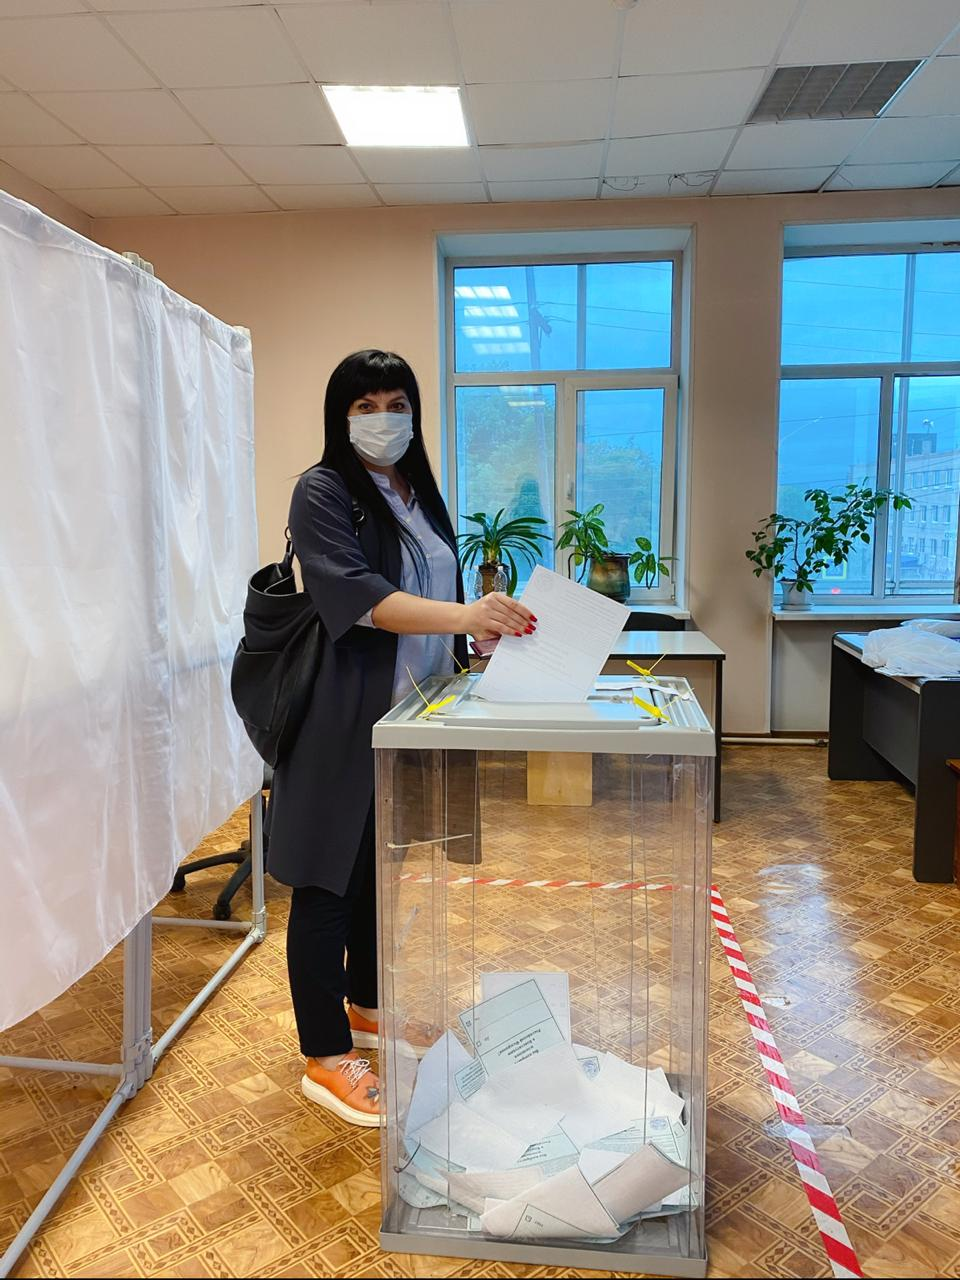 Молодые парламентарии Алексей Писаренко, Мария Марковская, Зарина Фардзинова голосуют за поправки в Основной Закон страны